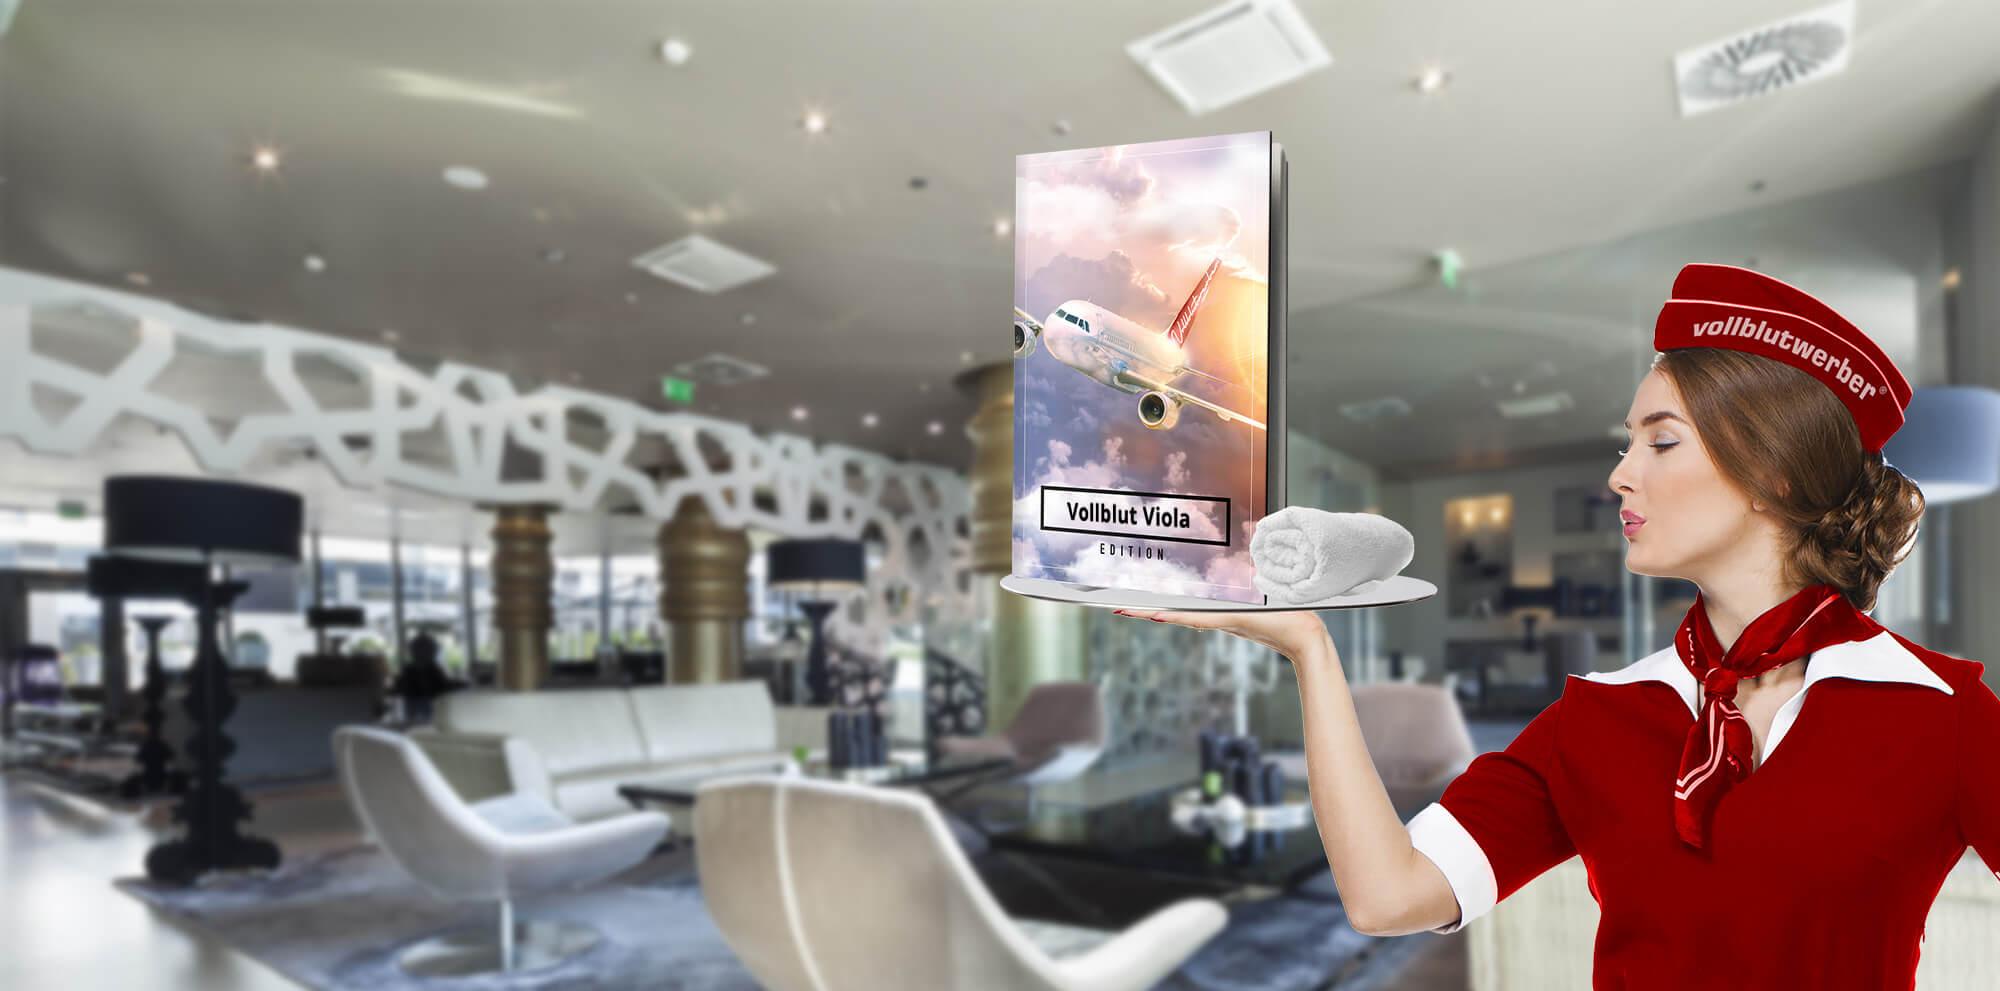 AN BORD! Jetzt virtuell Reisen und Ihr persönliches Flight Book sichern!